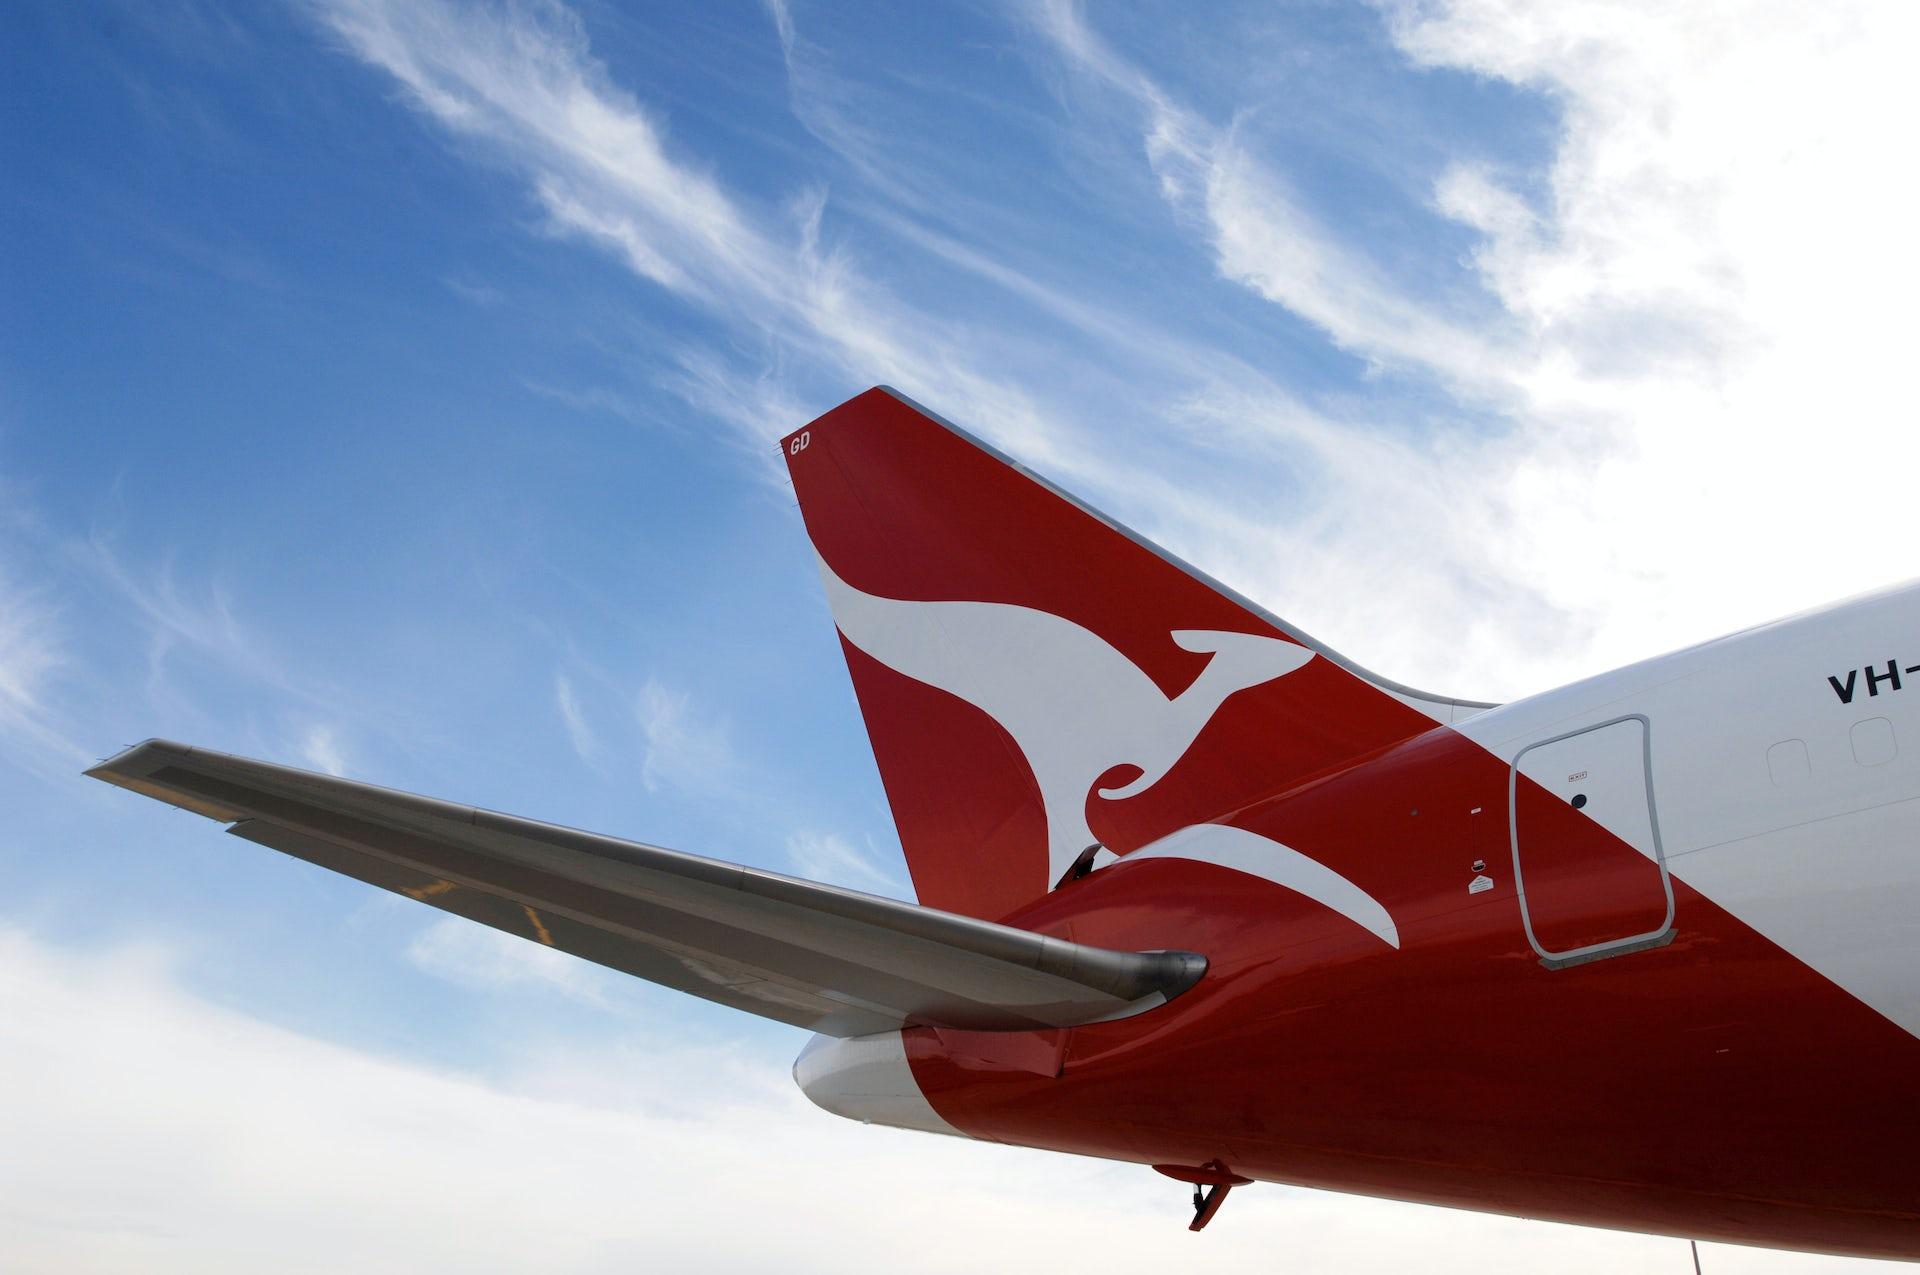 qantas annual report 2017